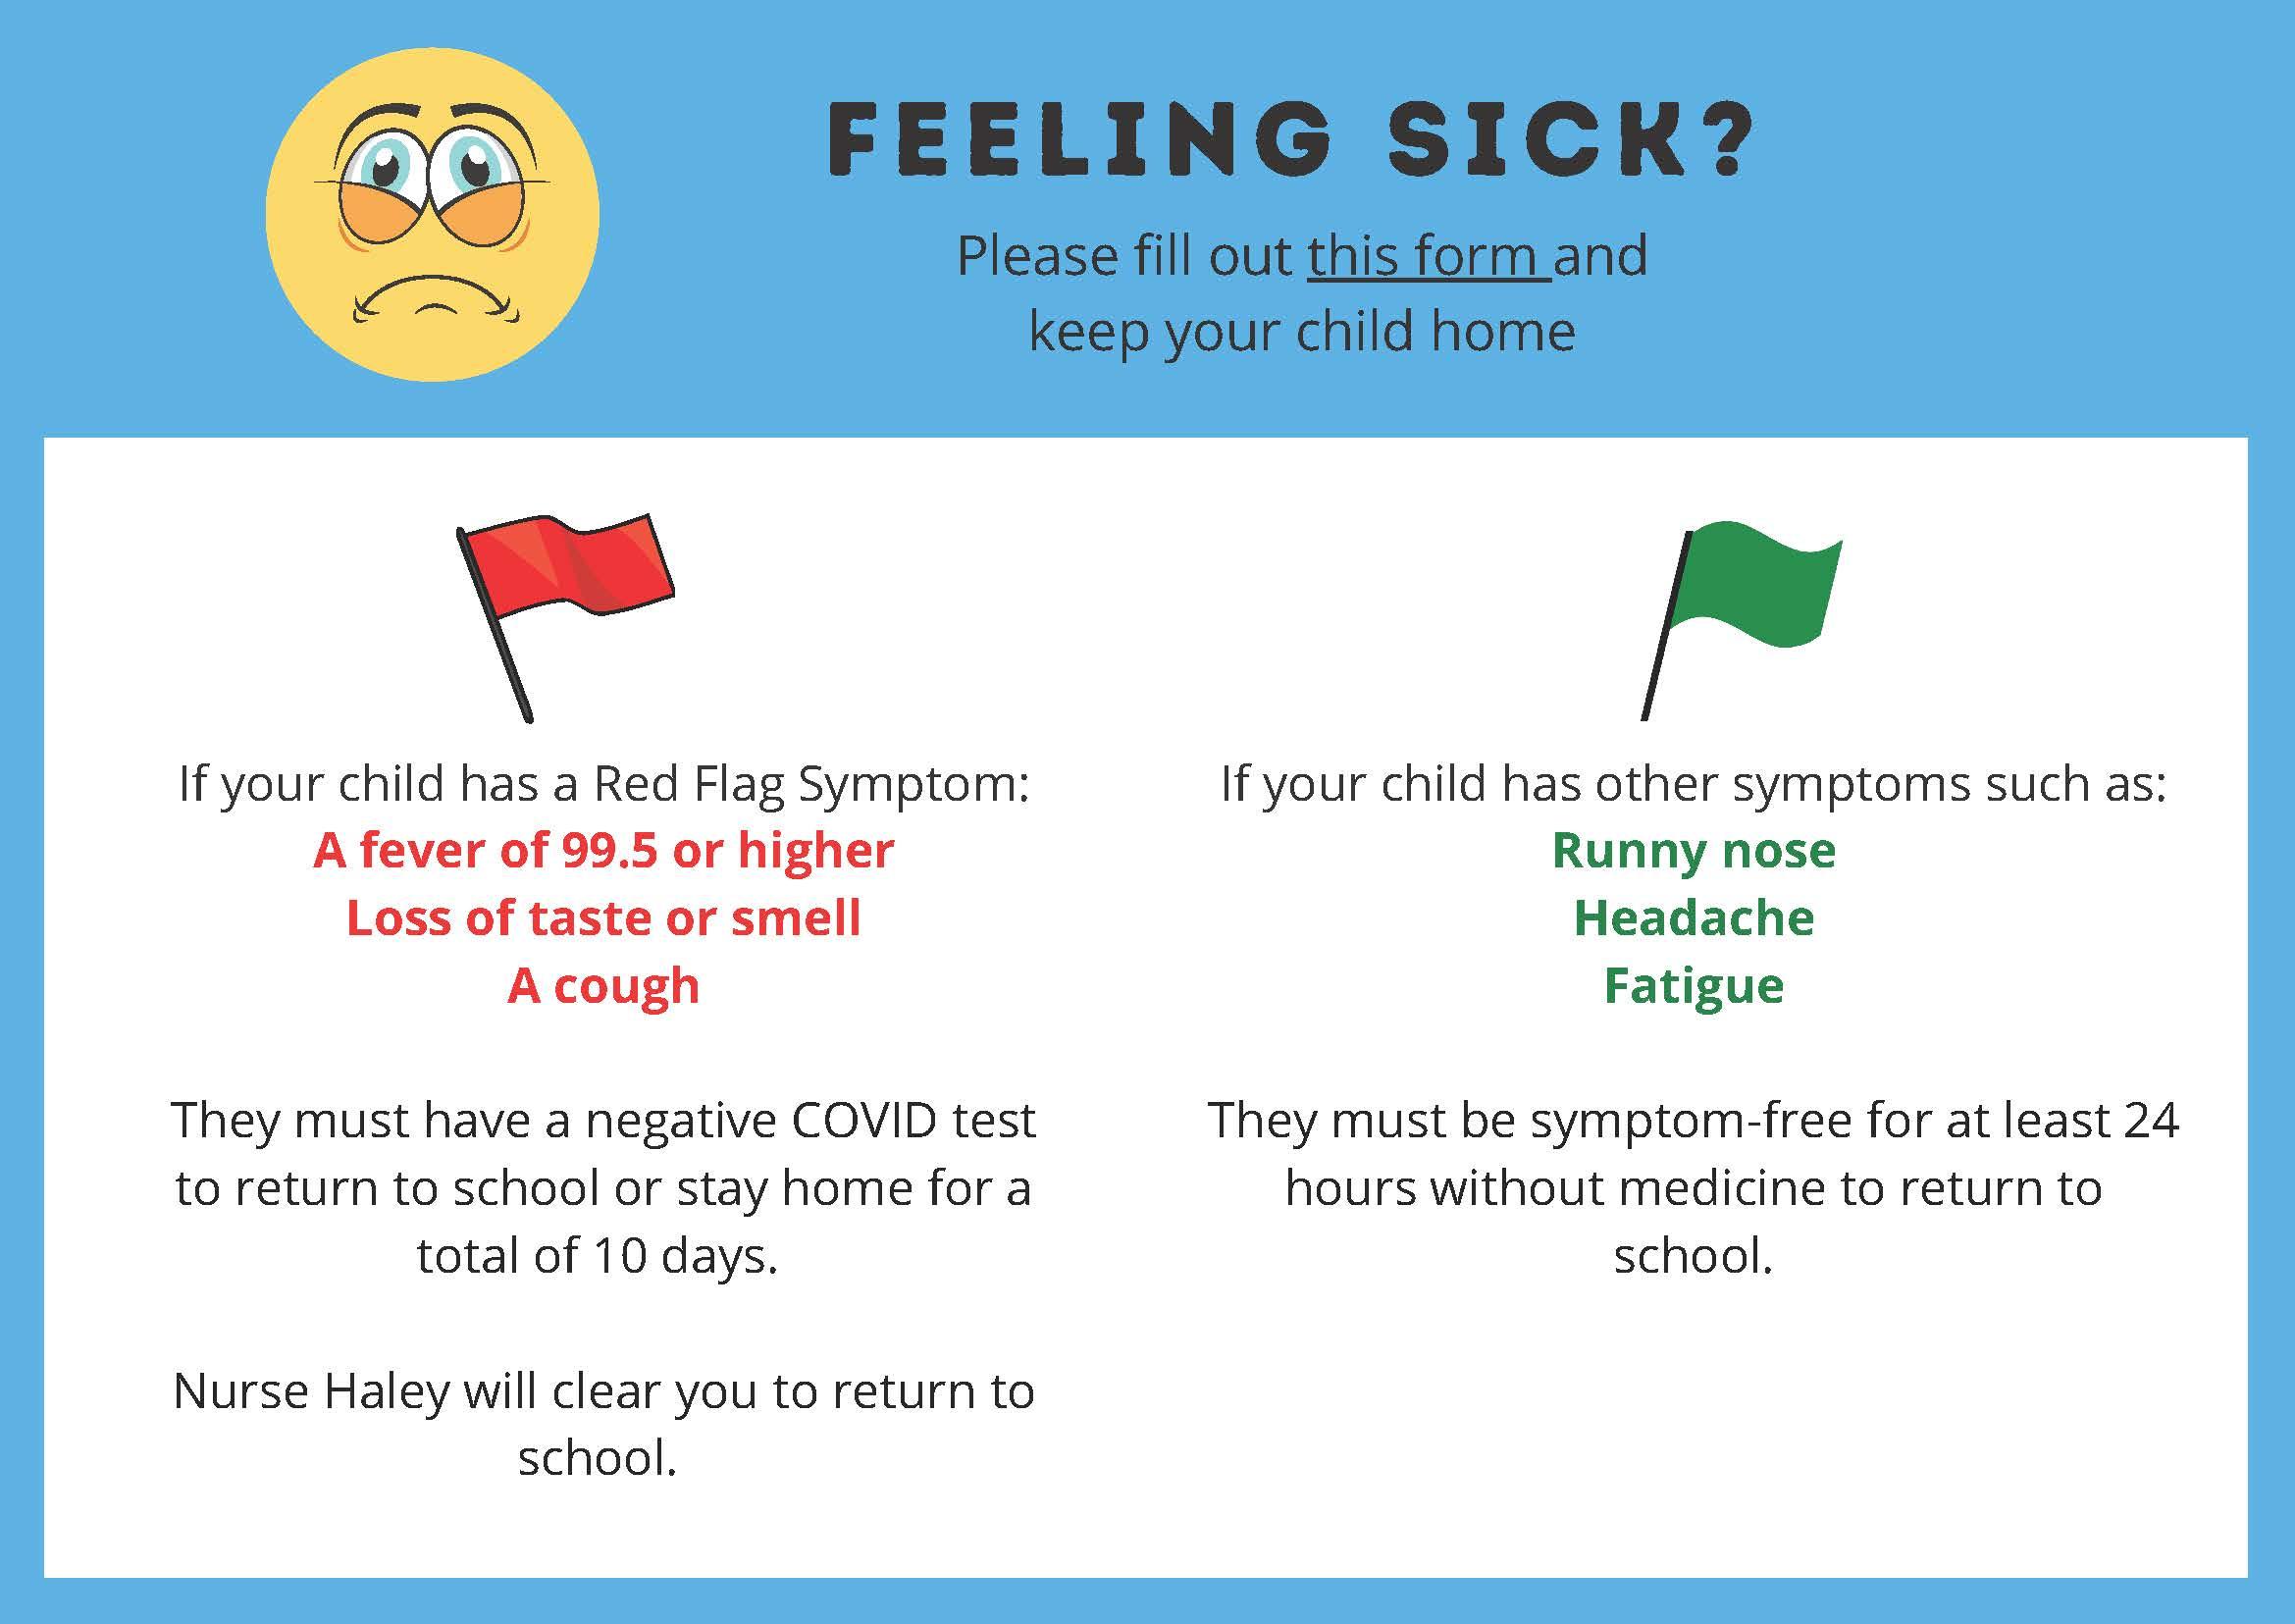 Feeling Sick_Eng_9.7.2021